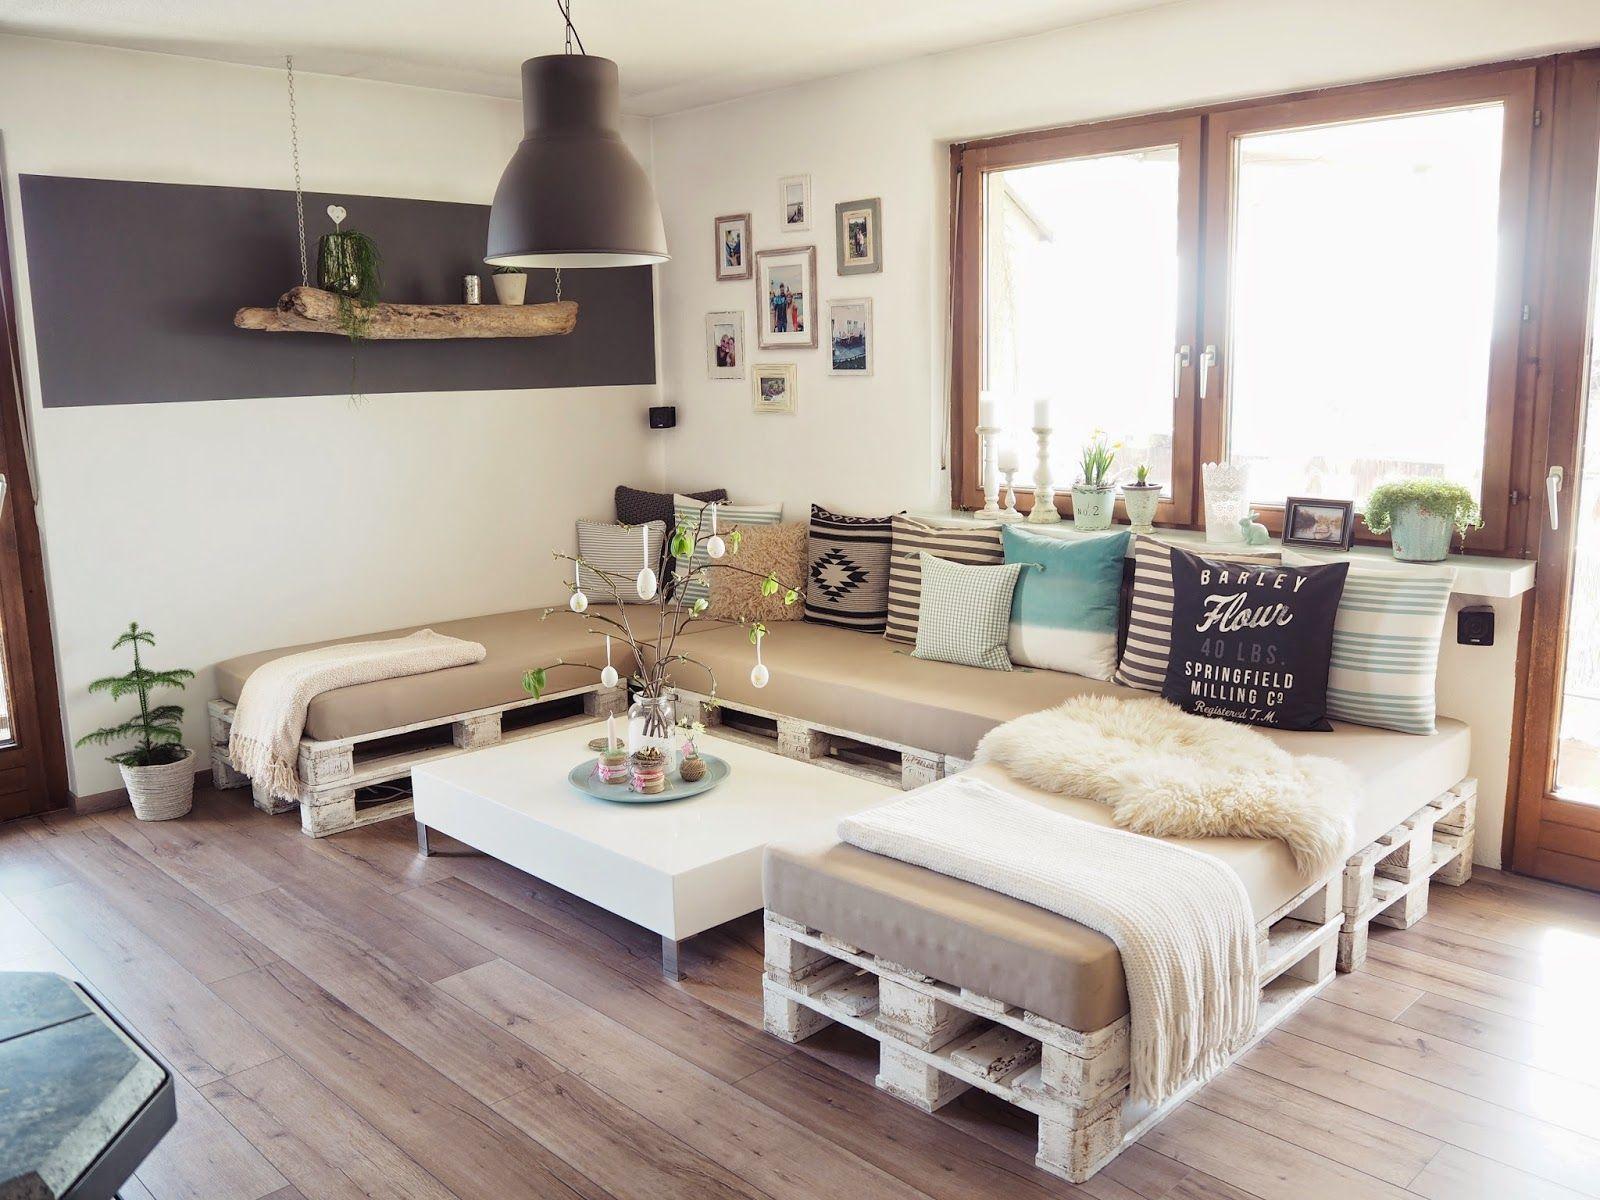 homestory zur geburtstagsaktion von roombeez by otto wohnzimmer pinterest palettenm bel. Black Bedroom Furniture Sets. Home Design Ideas